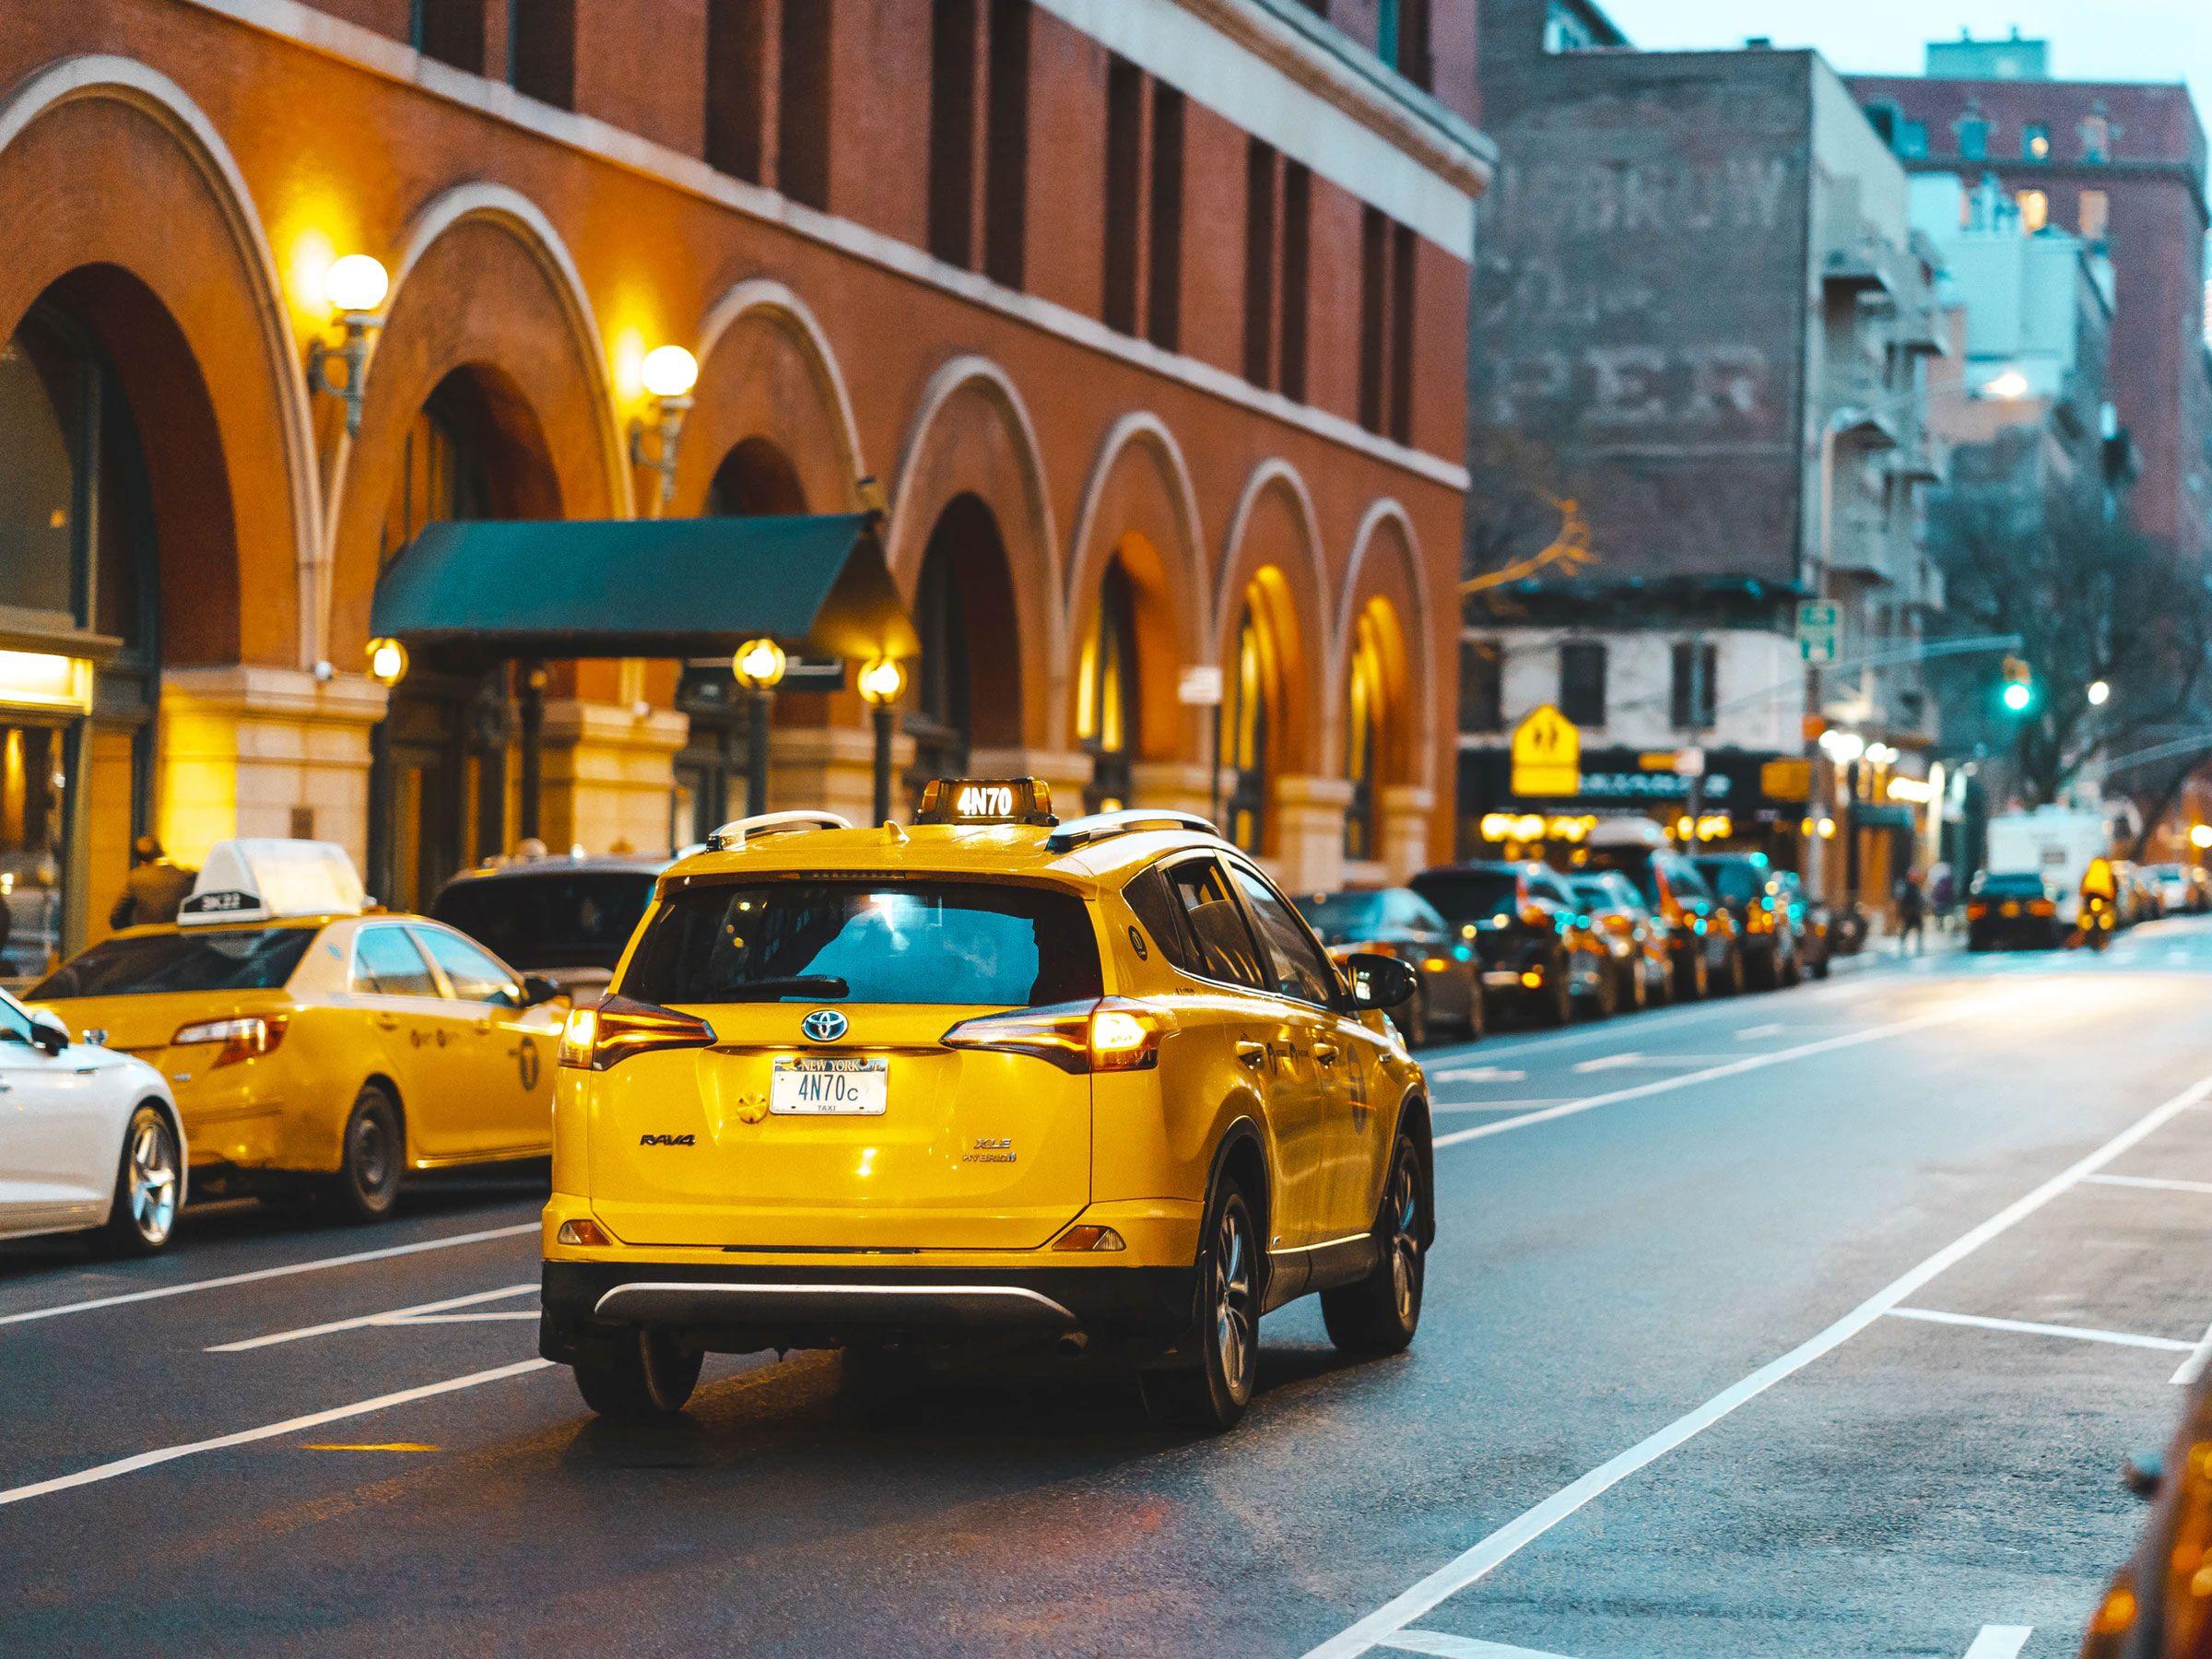 avada-taxi-blog-06